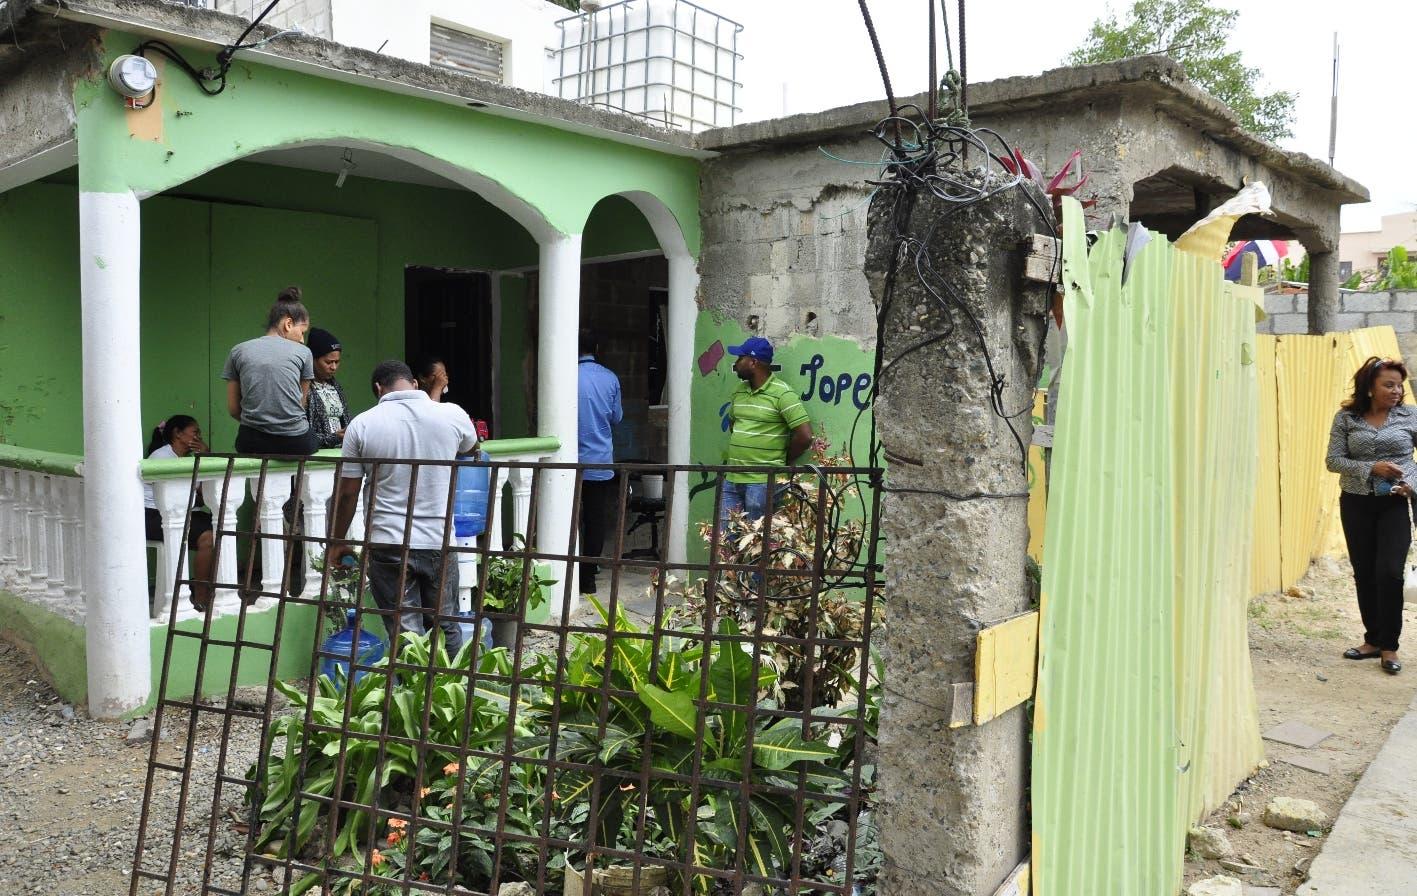 Como Es Vivir En Haiti hoy digital - en luto y tristeza familia chofer propagás